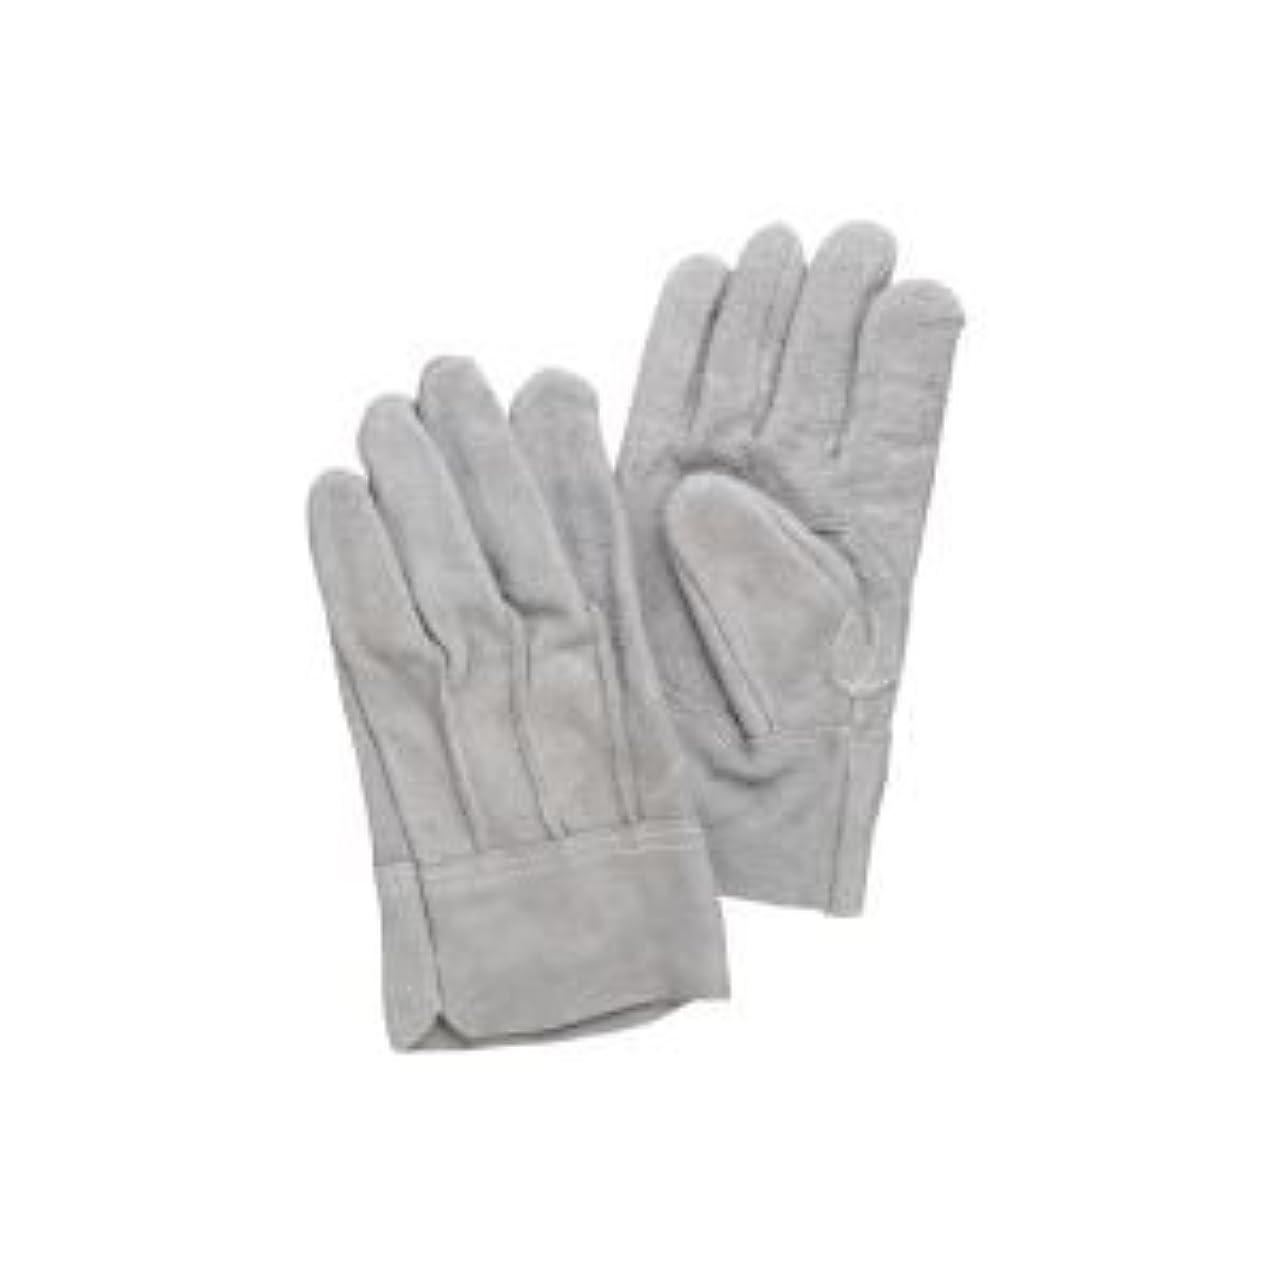 男やもめカバーミネラル( お徳用 100セット ) 熱田資材 革手袋床革手袋 背縫い NO.11 グレー